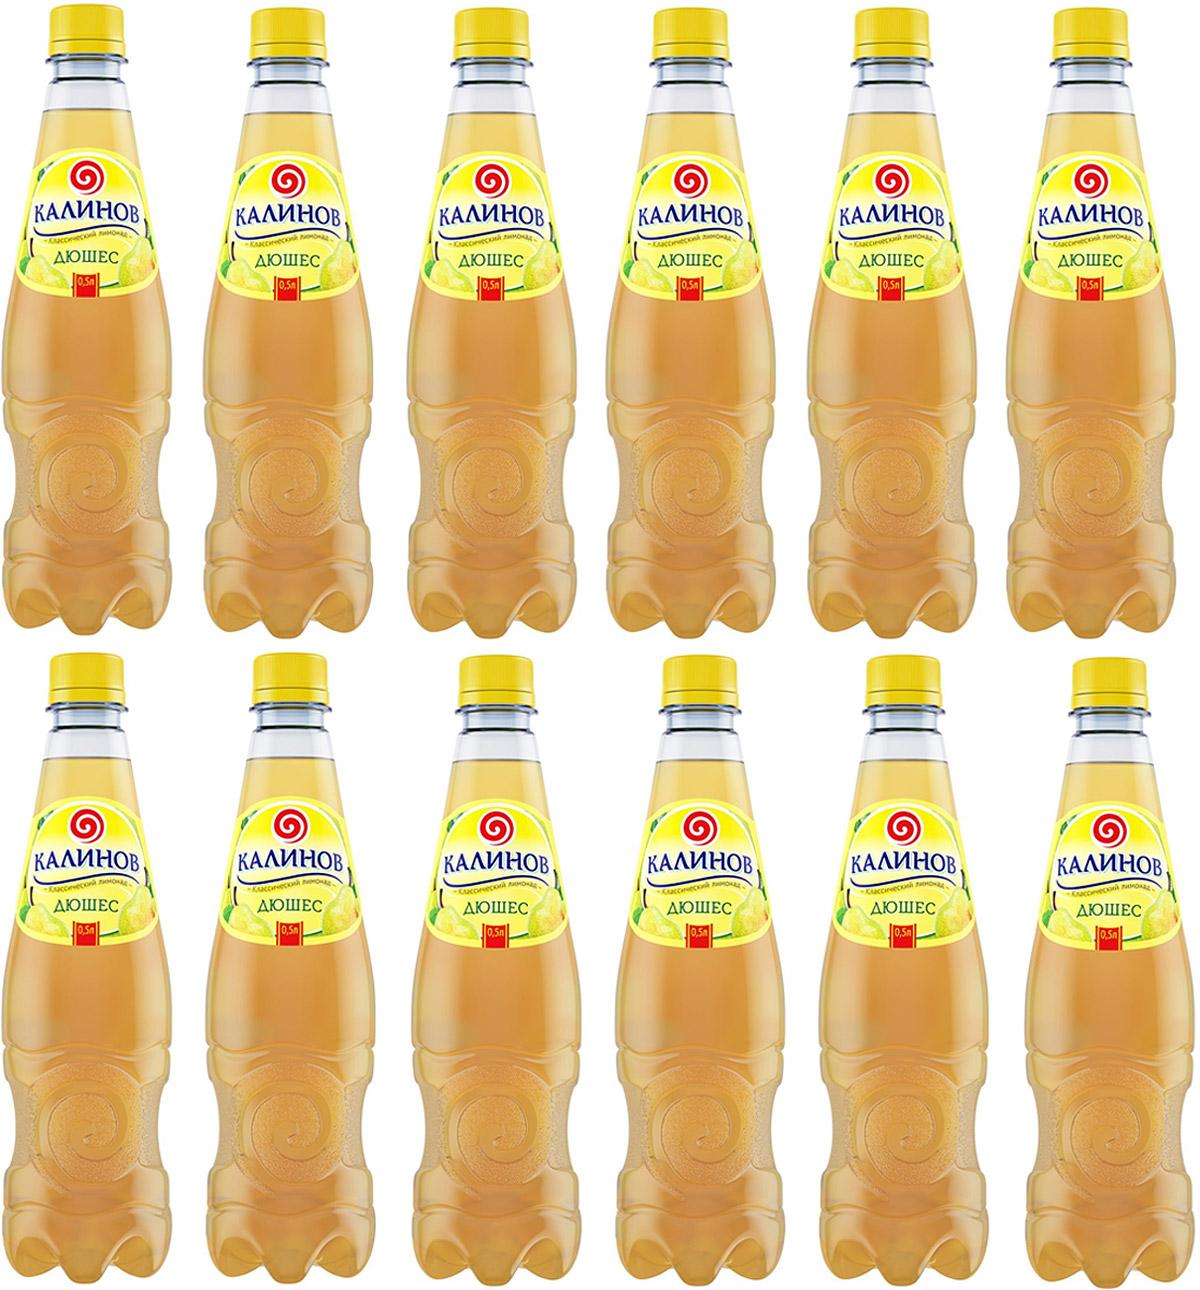 Калинов Лимонад Дюшес, 12 шт по 0,5 л4607050696243Классические лимонады на основе артезианской воды Калинов Родник производятся на высококачественном вкусо-ароматическом сырье и обладают ярко выраженными прохладительными свойствами. Для приготовления лимонадов Калинов используются классические рецептуры, соответствующие требованиям ГОСТа. Благодаря пониженному содержанию сахара все напитки серии являются низкокалорийными. Они производятся без применения цикламатов и сахарина, что значительно усиливает их диетические свойства.